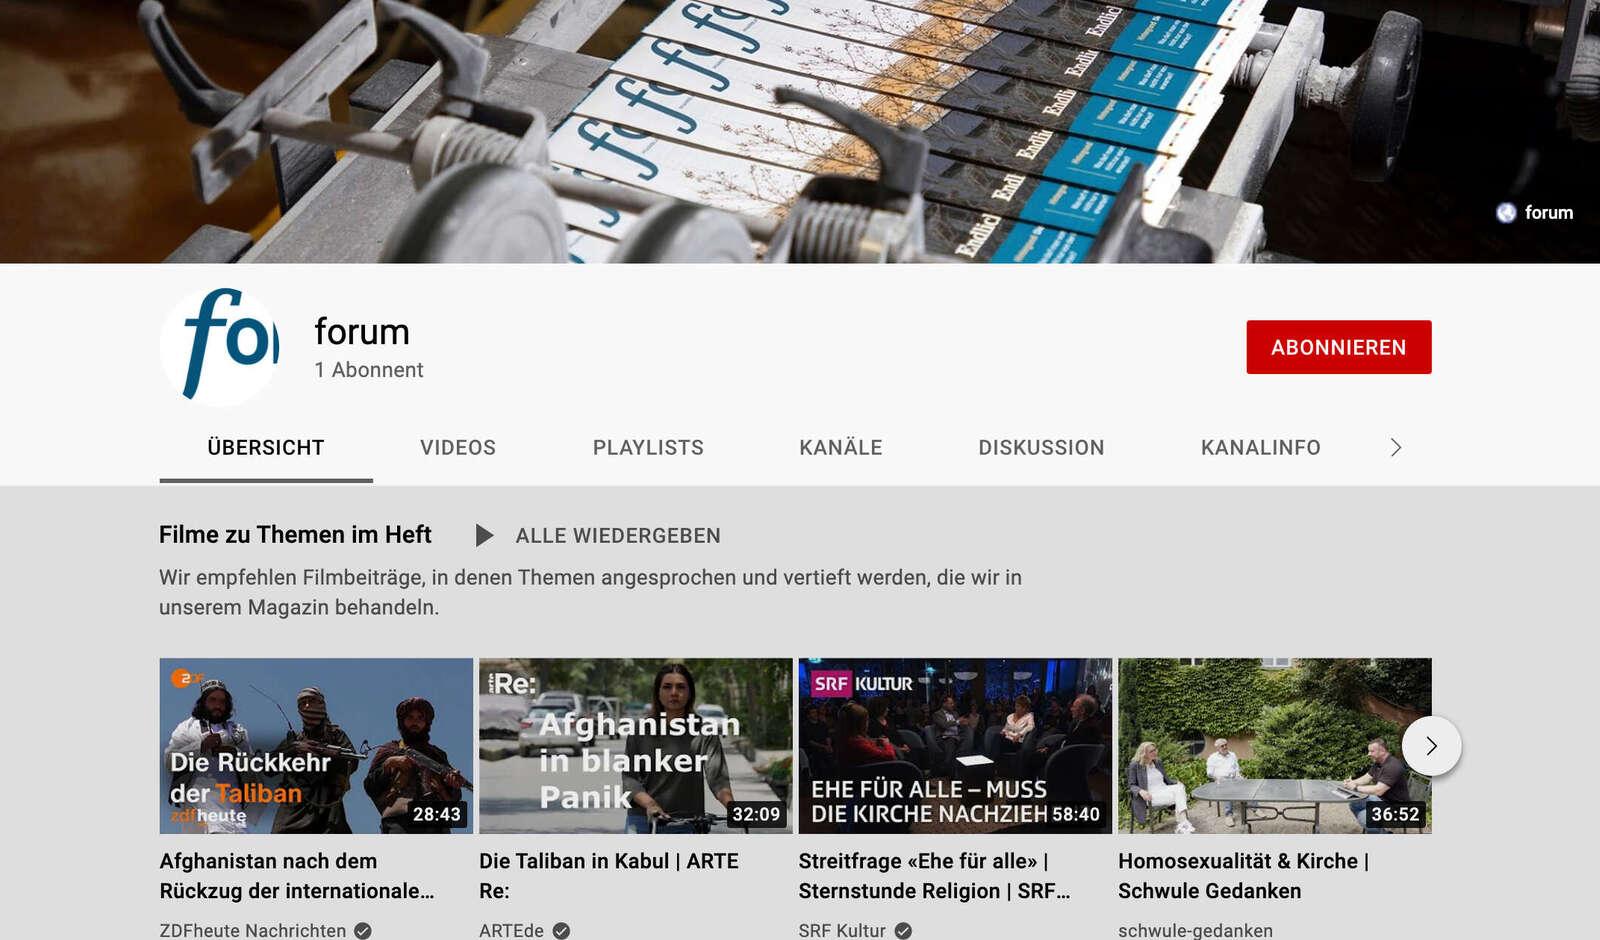 forum zum Weiterschauen